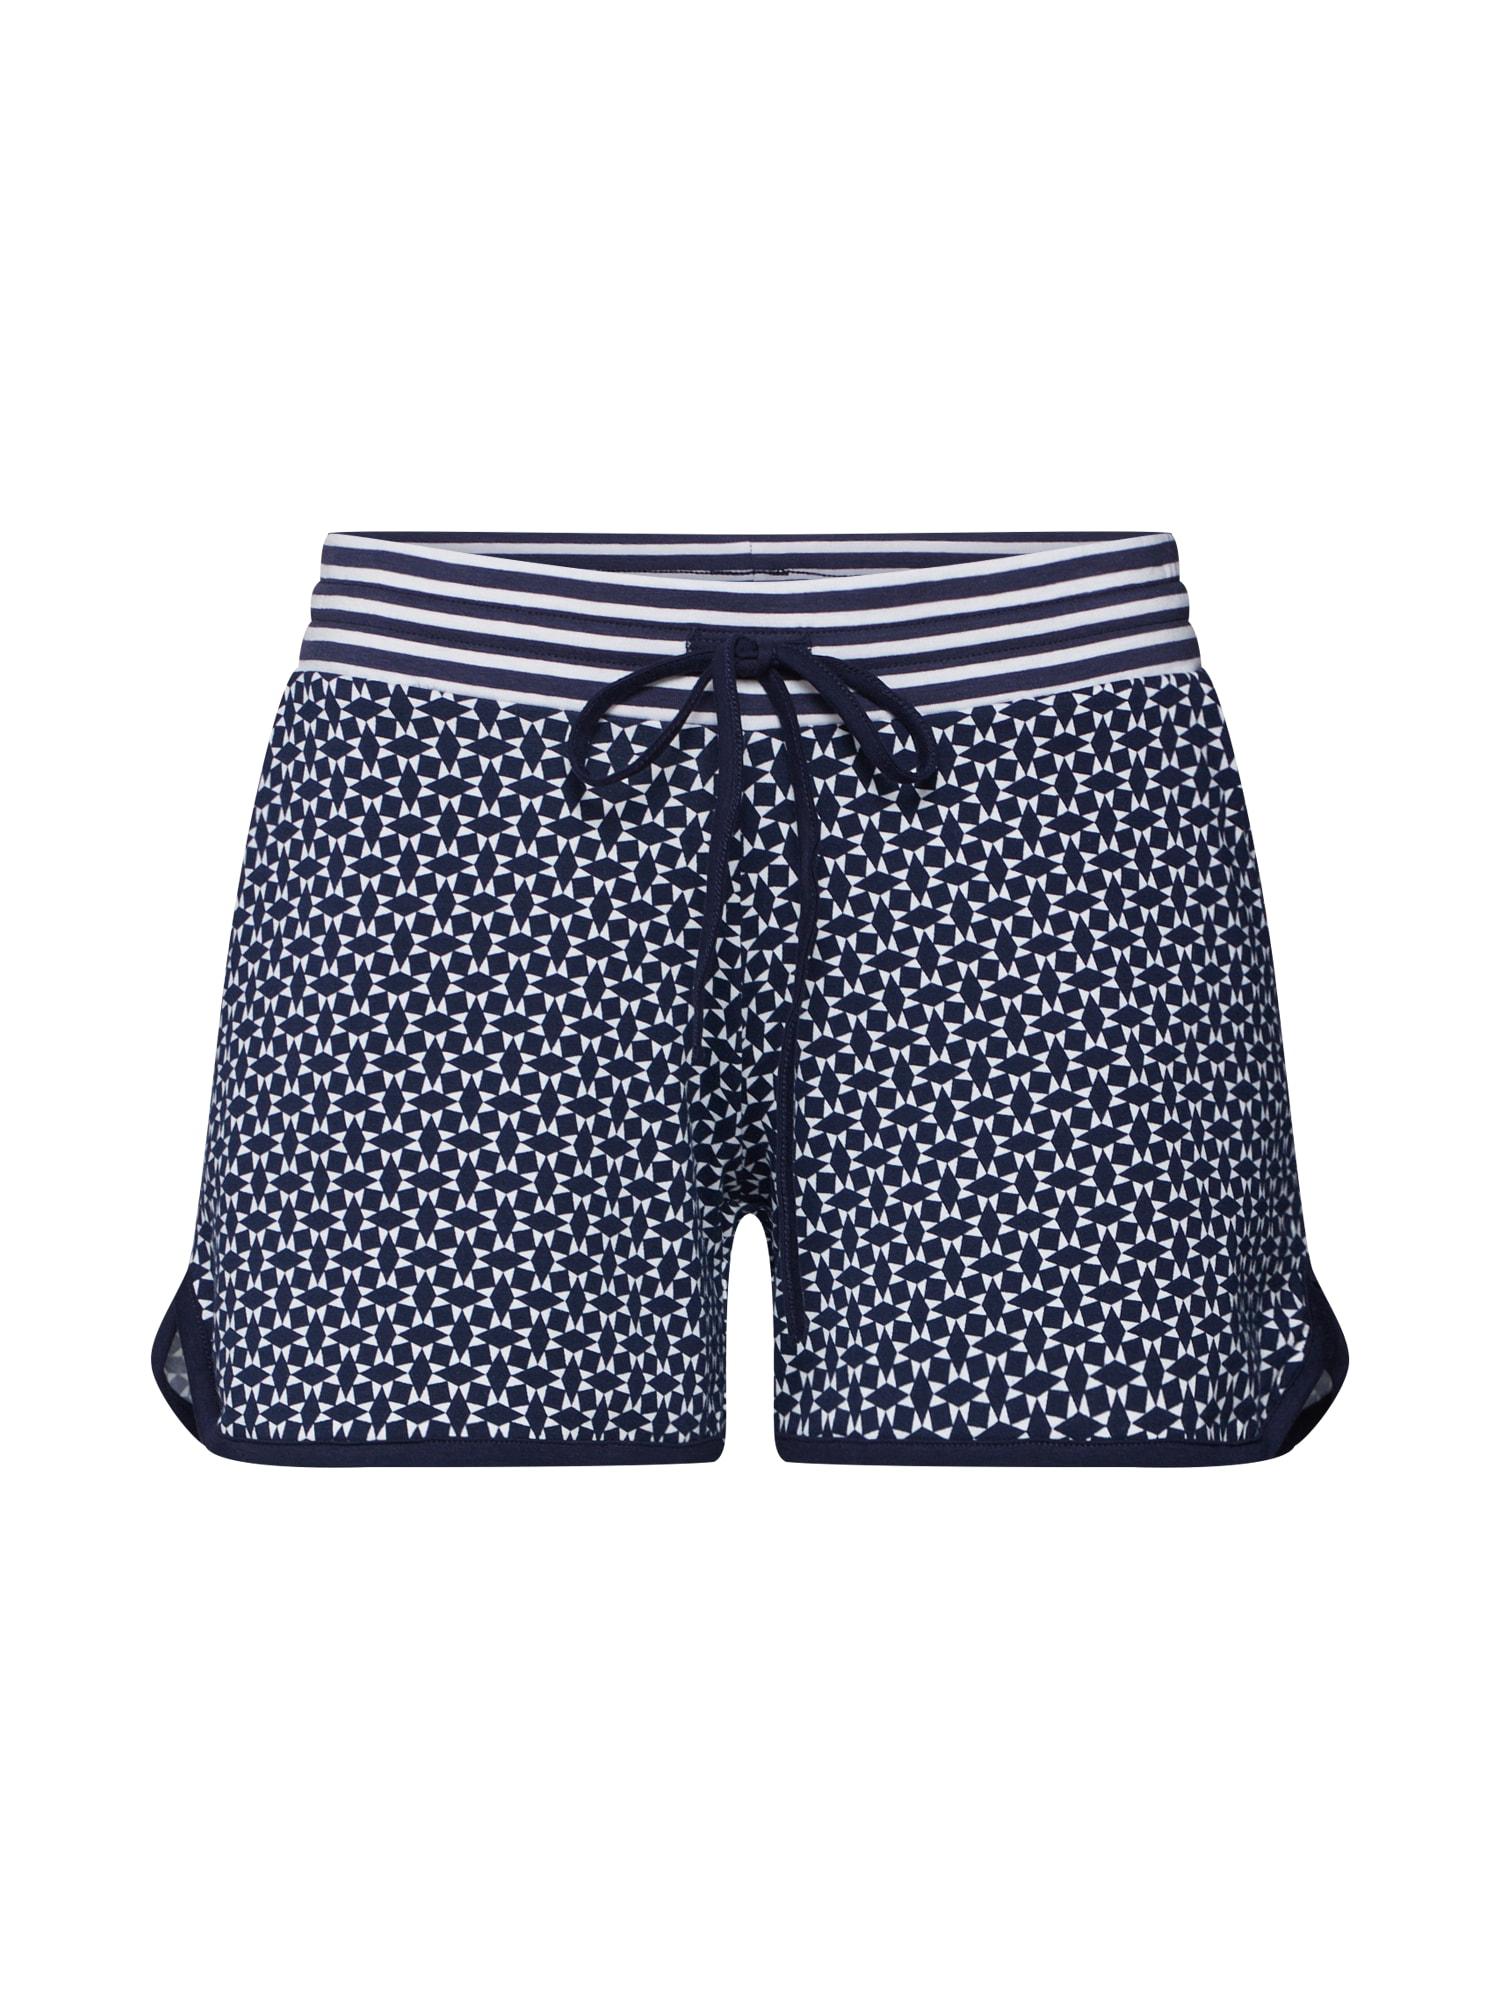 Pyžamové kalhoty NIGHT2DAY NOS tmavě modrá Mey